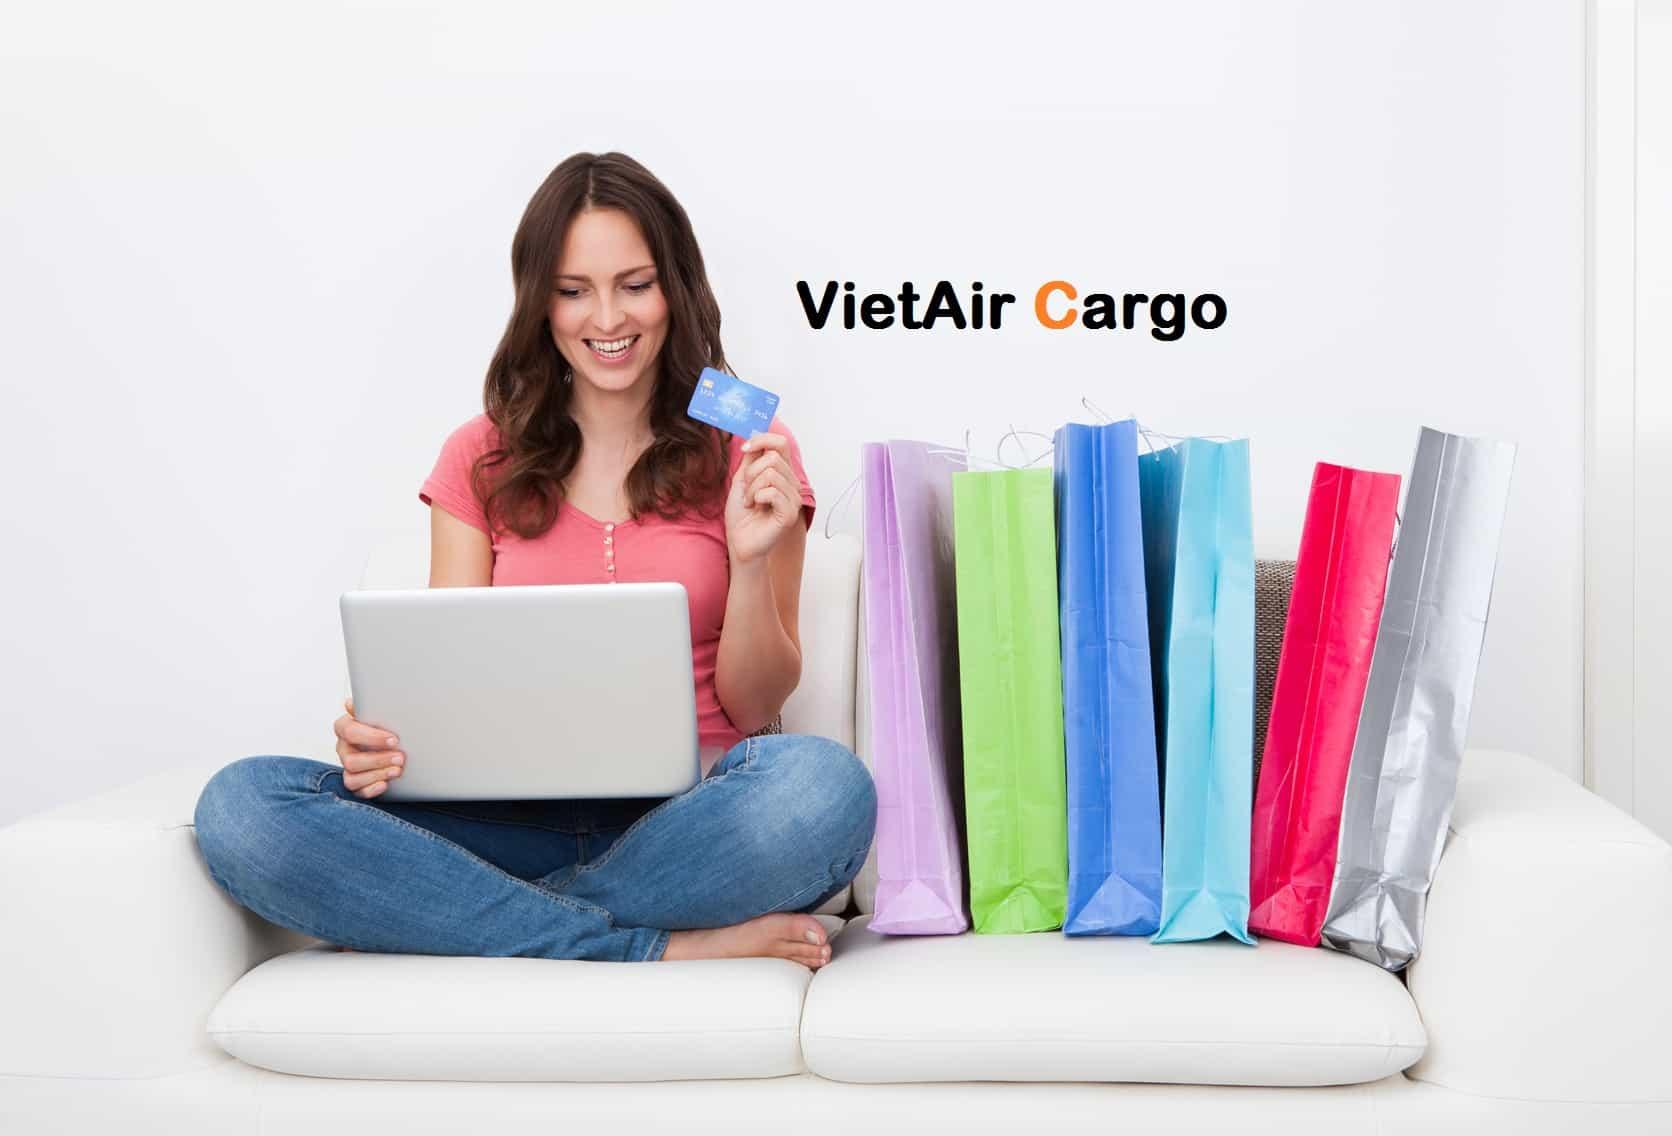 tai-sao-nen-su-dung-dich-vu-mua-ho-hang-my-tai-bac-ninh-2 Tại sao bạn nên sử dụng dịch vụ mua hộ hàng Mỹ tại Bắc Ninh?